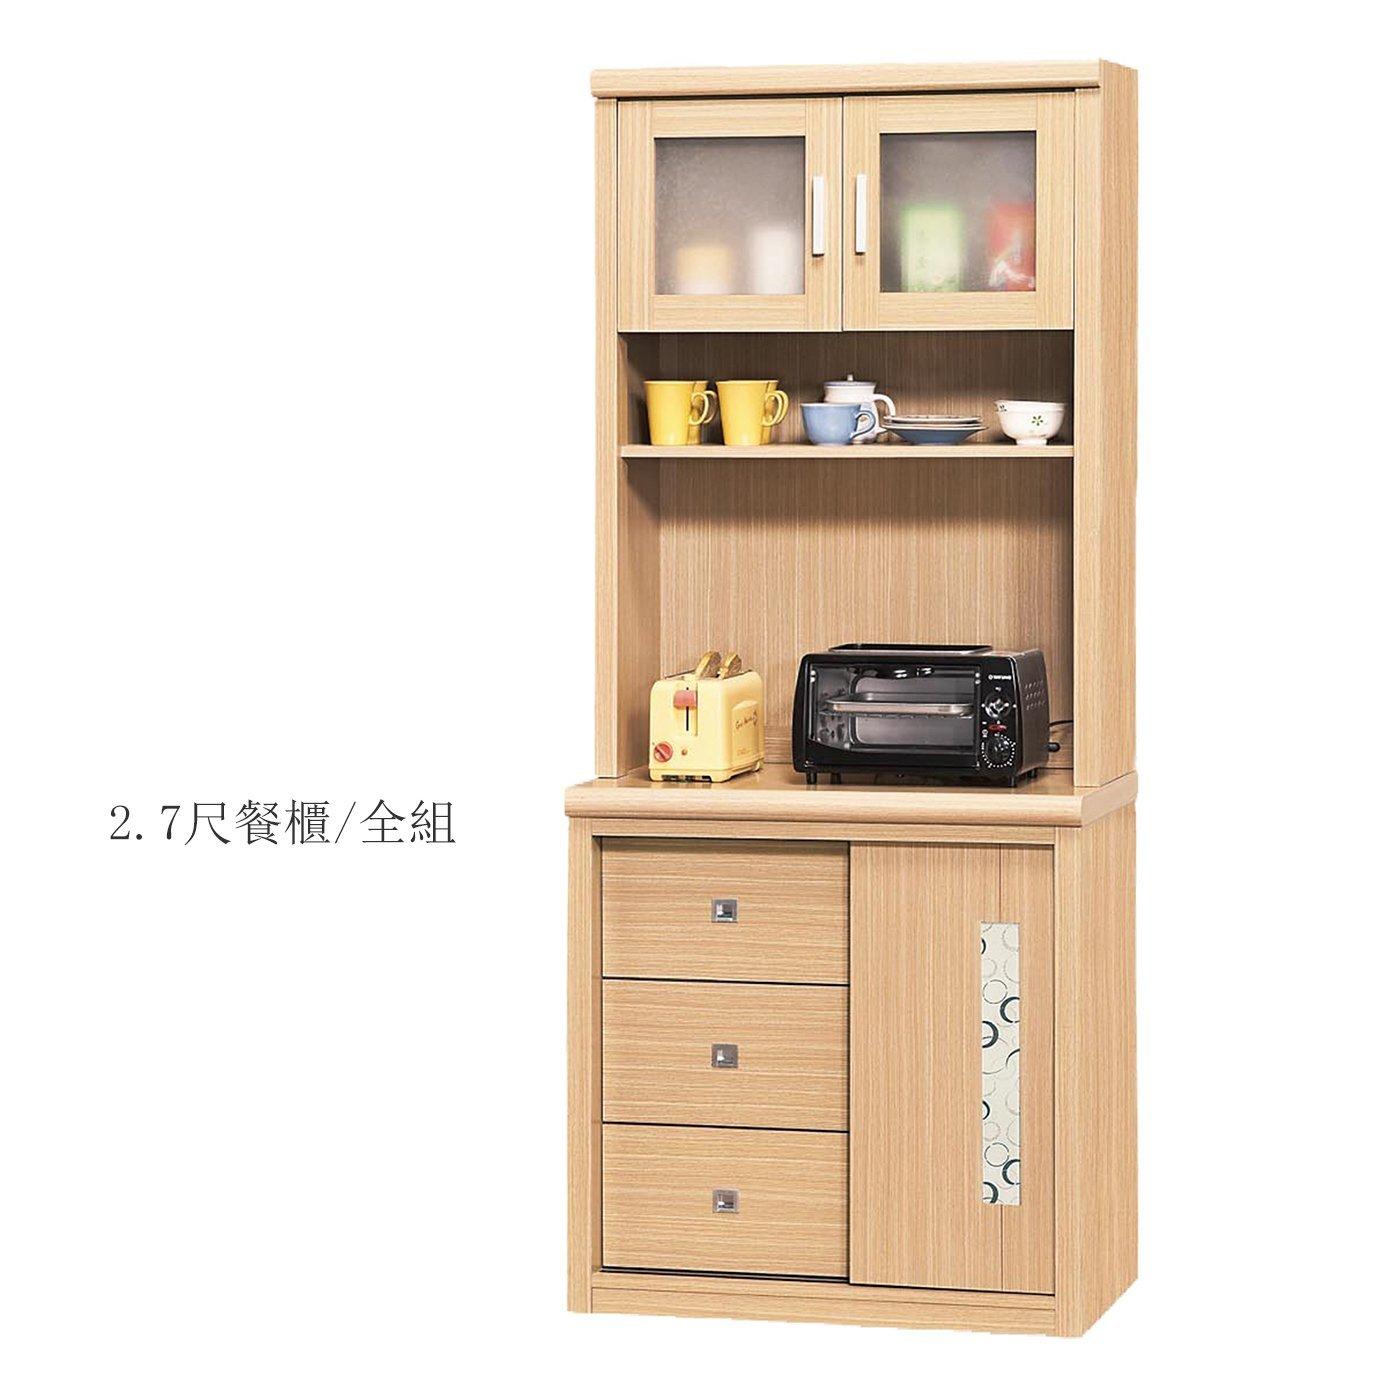 【優比傢俱 館】19 簡單購-白橡木紋2.7尺餐櫃 碗盤櫃 收納櫃-全組 LC848-5